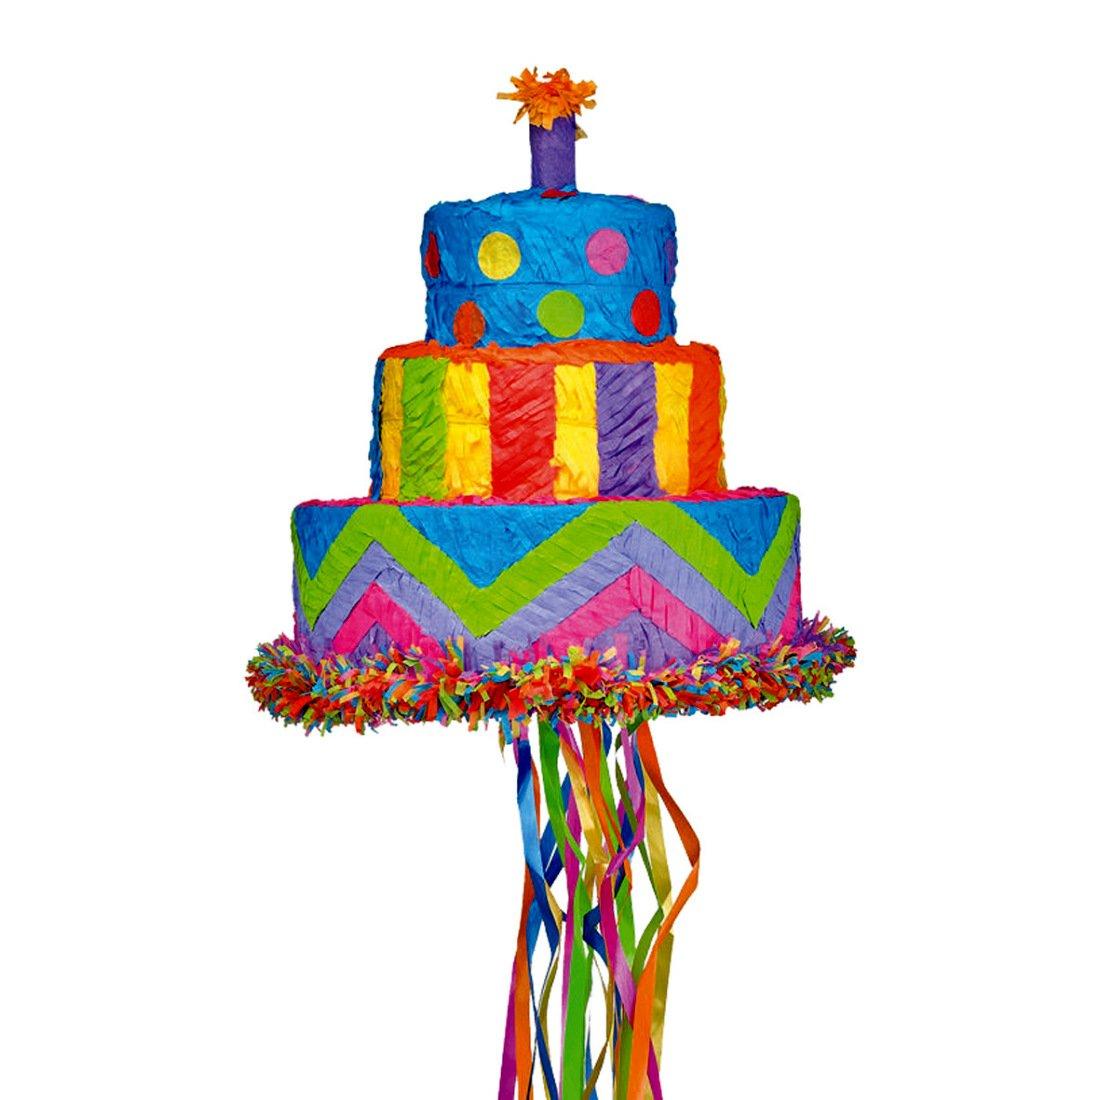 NET TOYS Piñata para Tirar | Piñata de Torta | Juego para ...